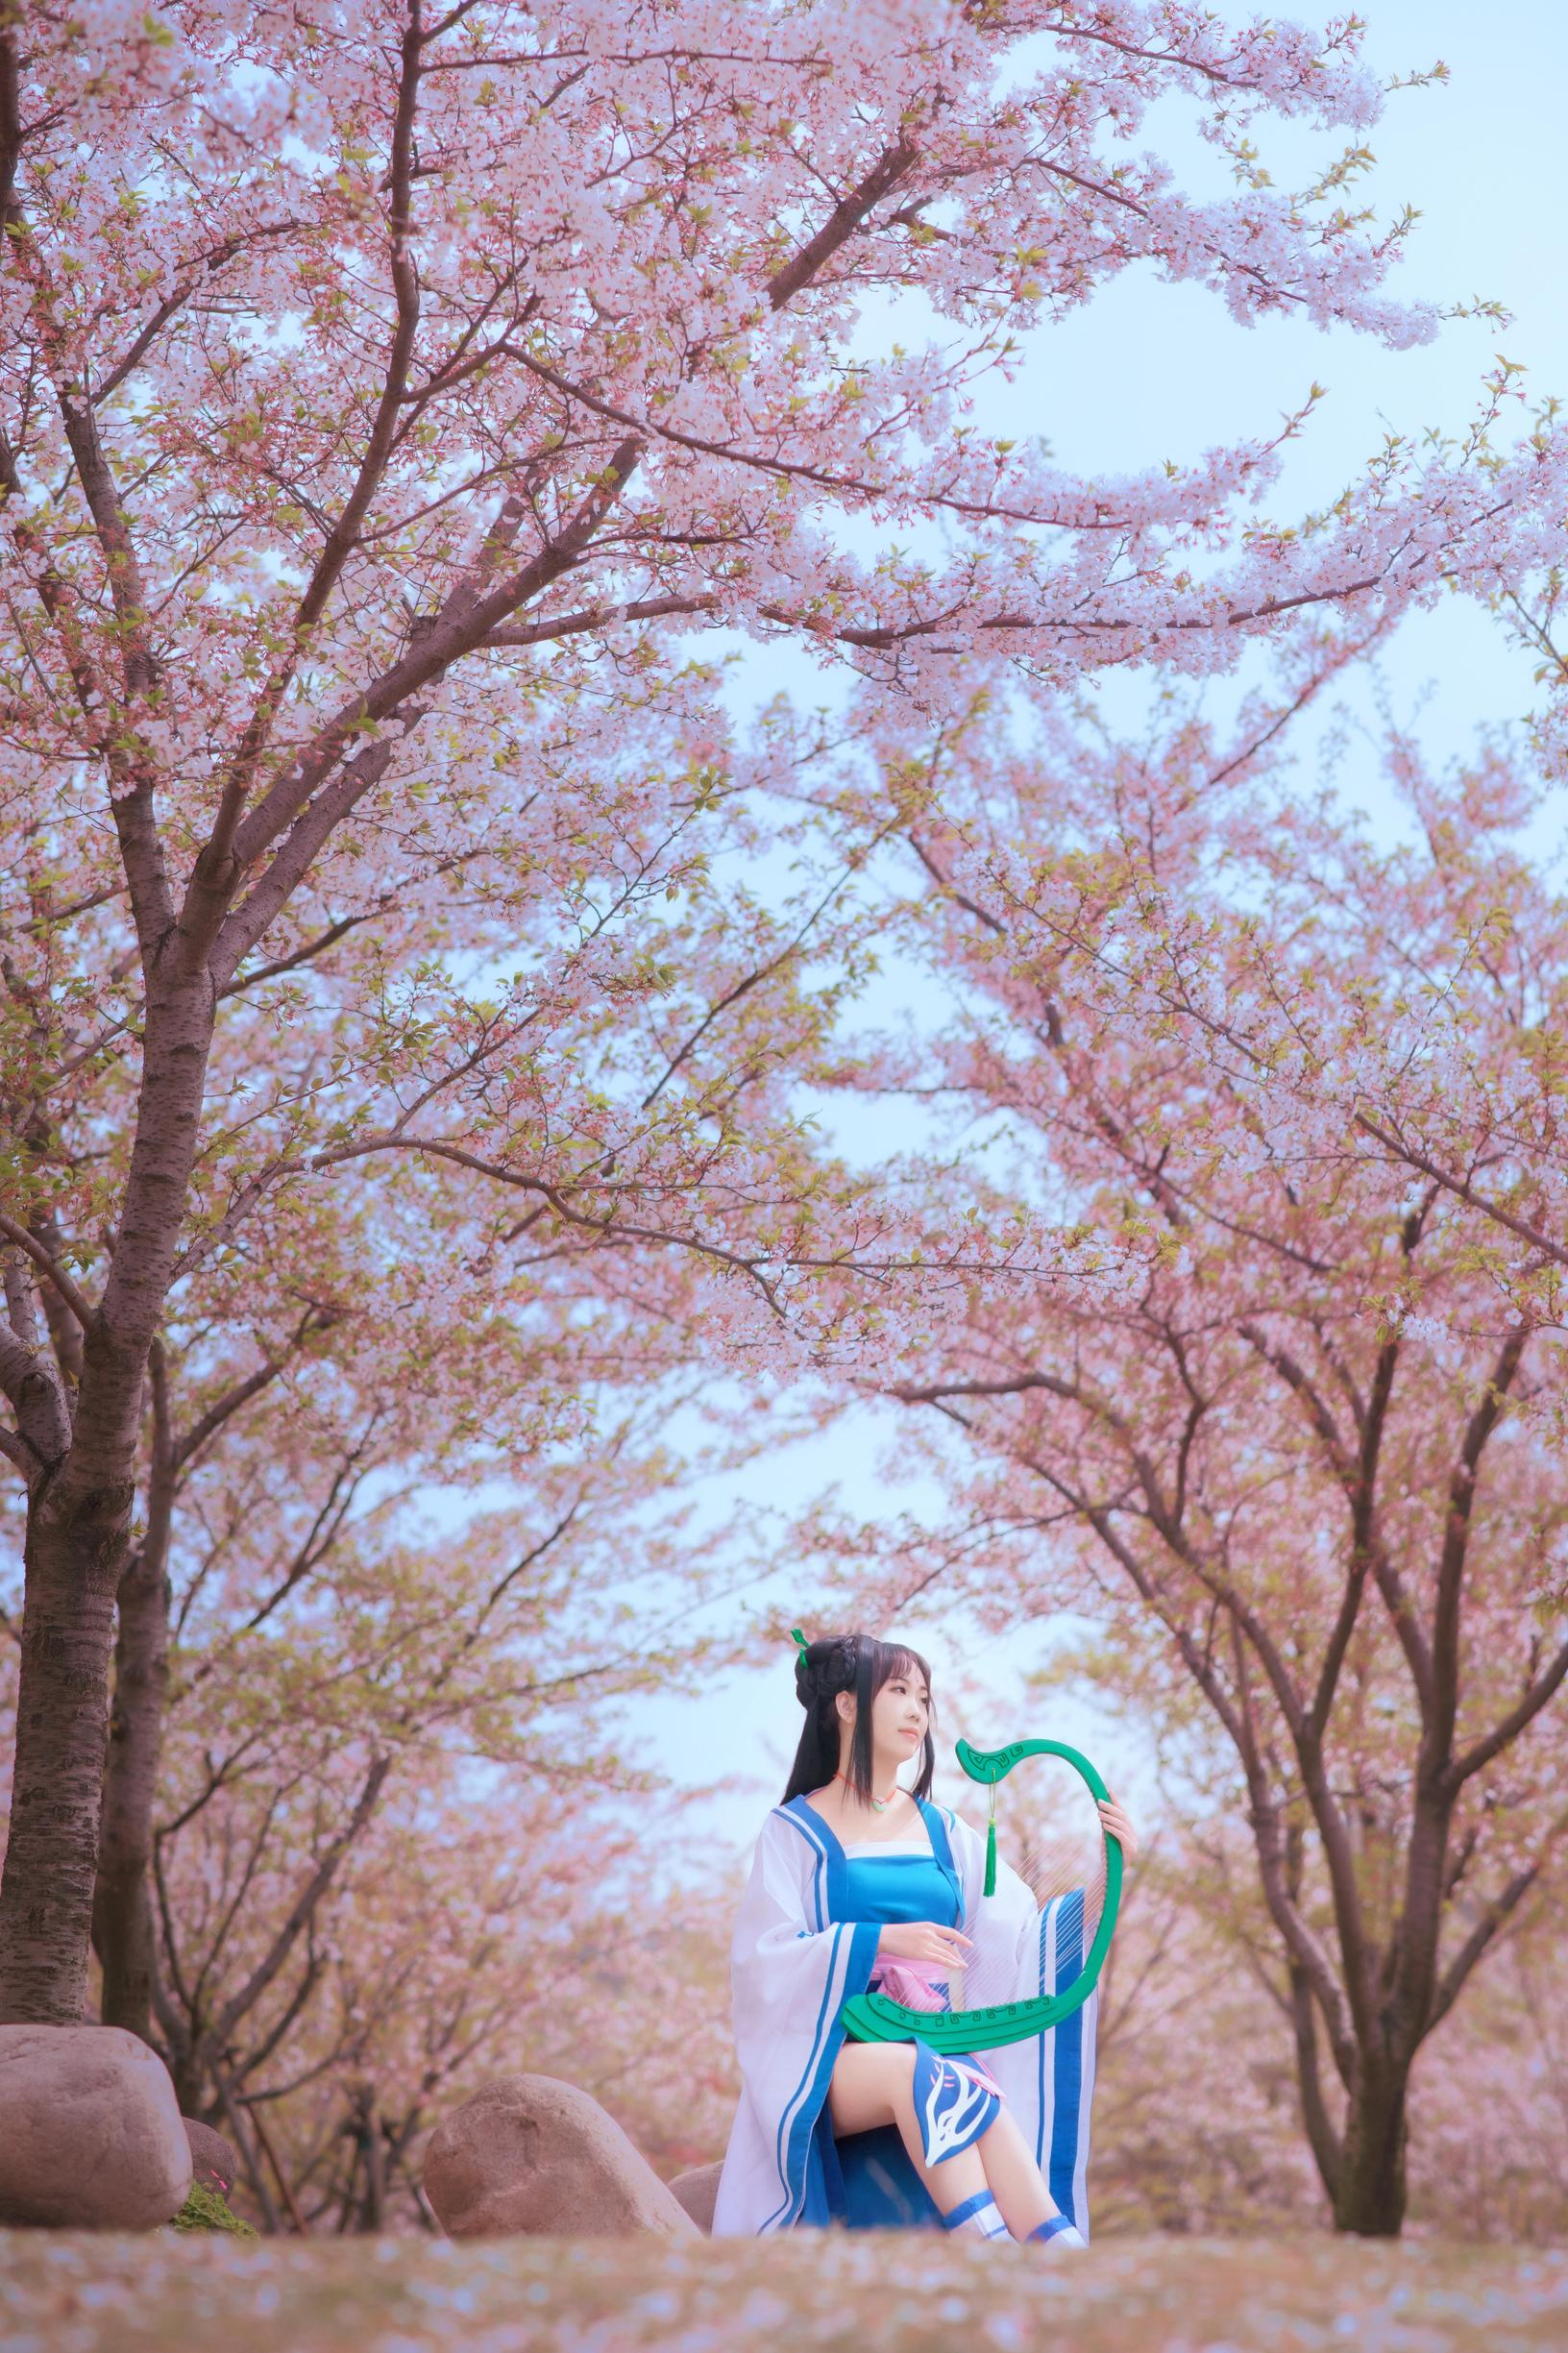 柳梦璃cosplay【CN:晗雅】-第4张